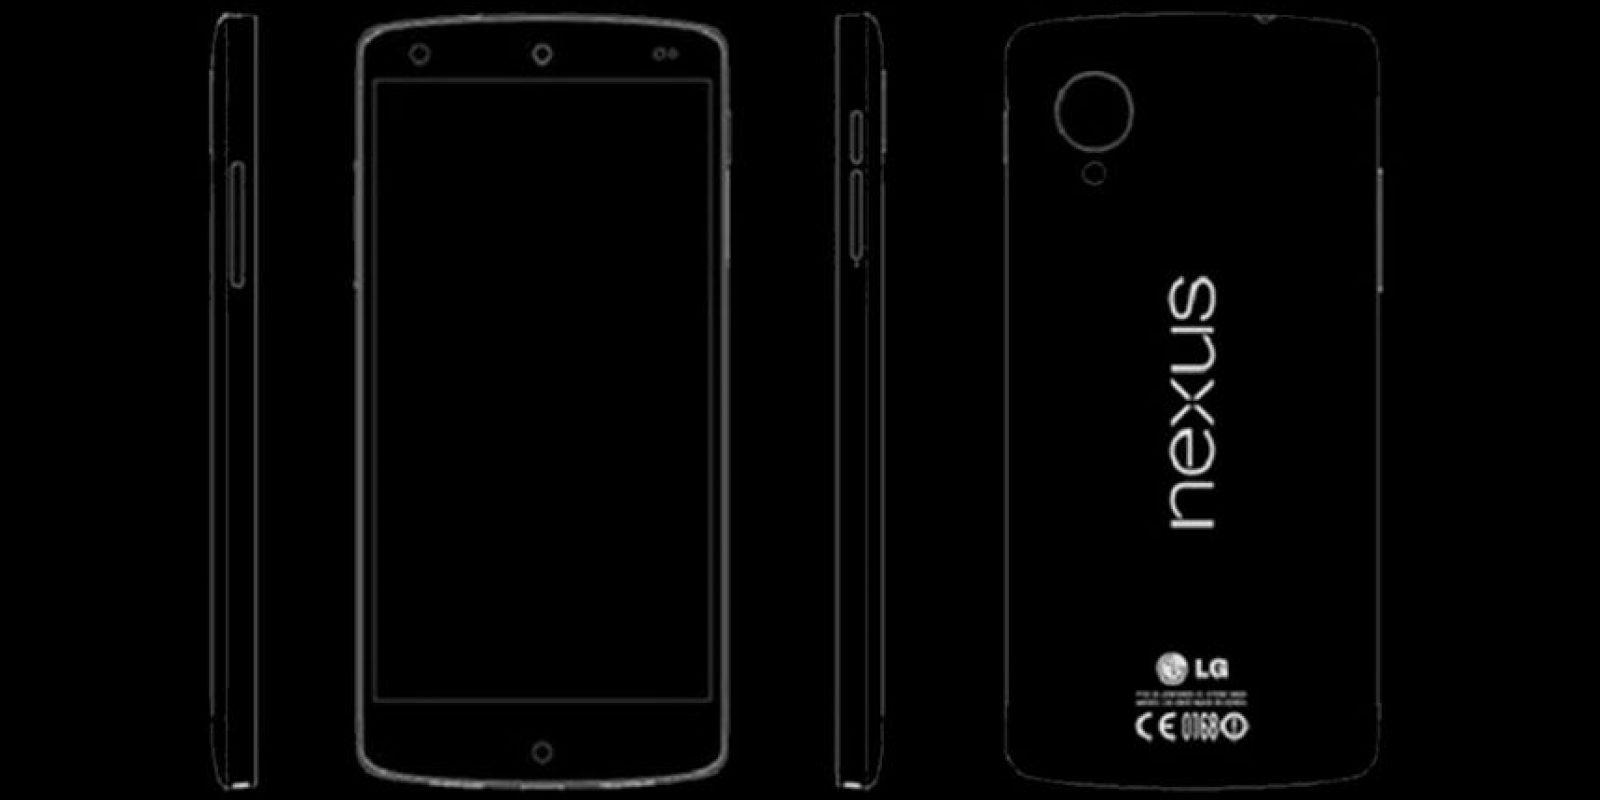 Según publica Gizmochina, las cámaras del Nexus 5 2015 serían uno de sus puntos fuertes Foto:twitter.com/@OnLeaks